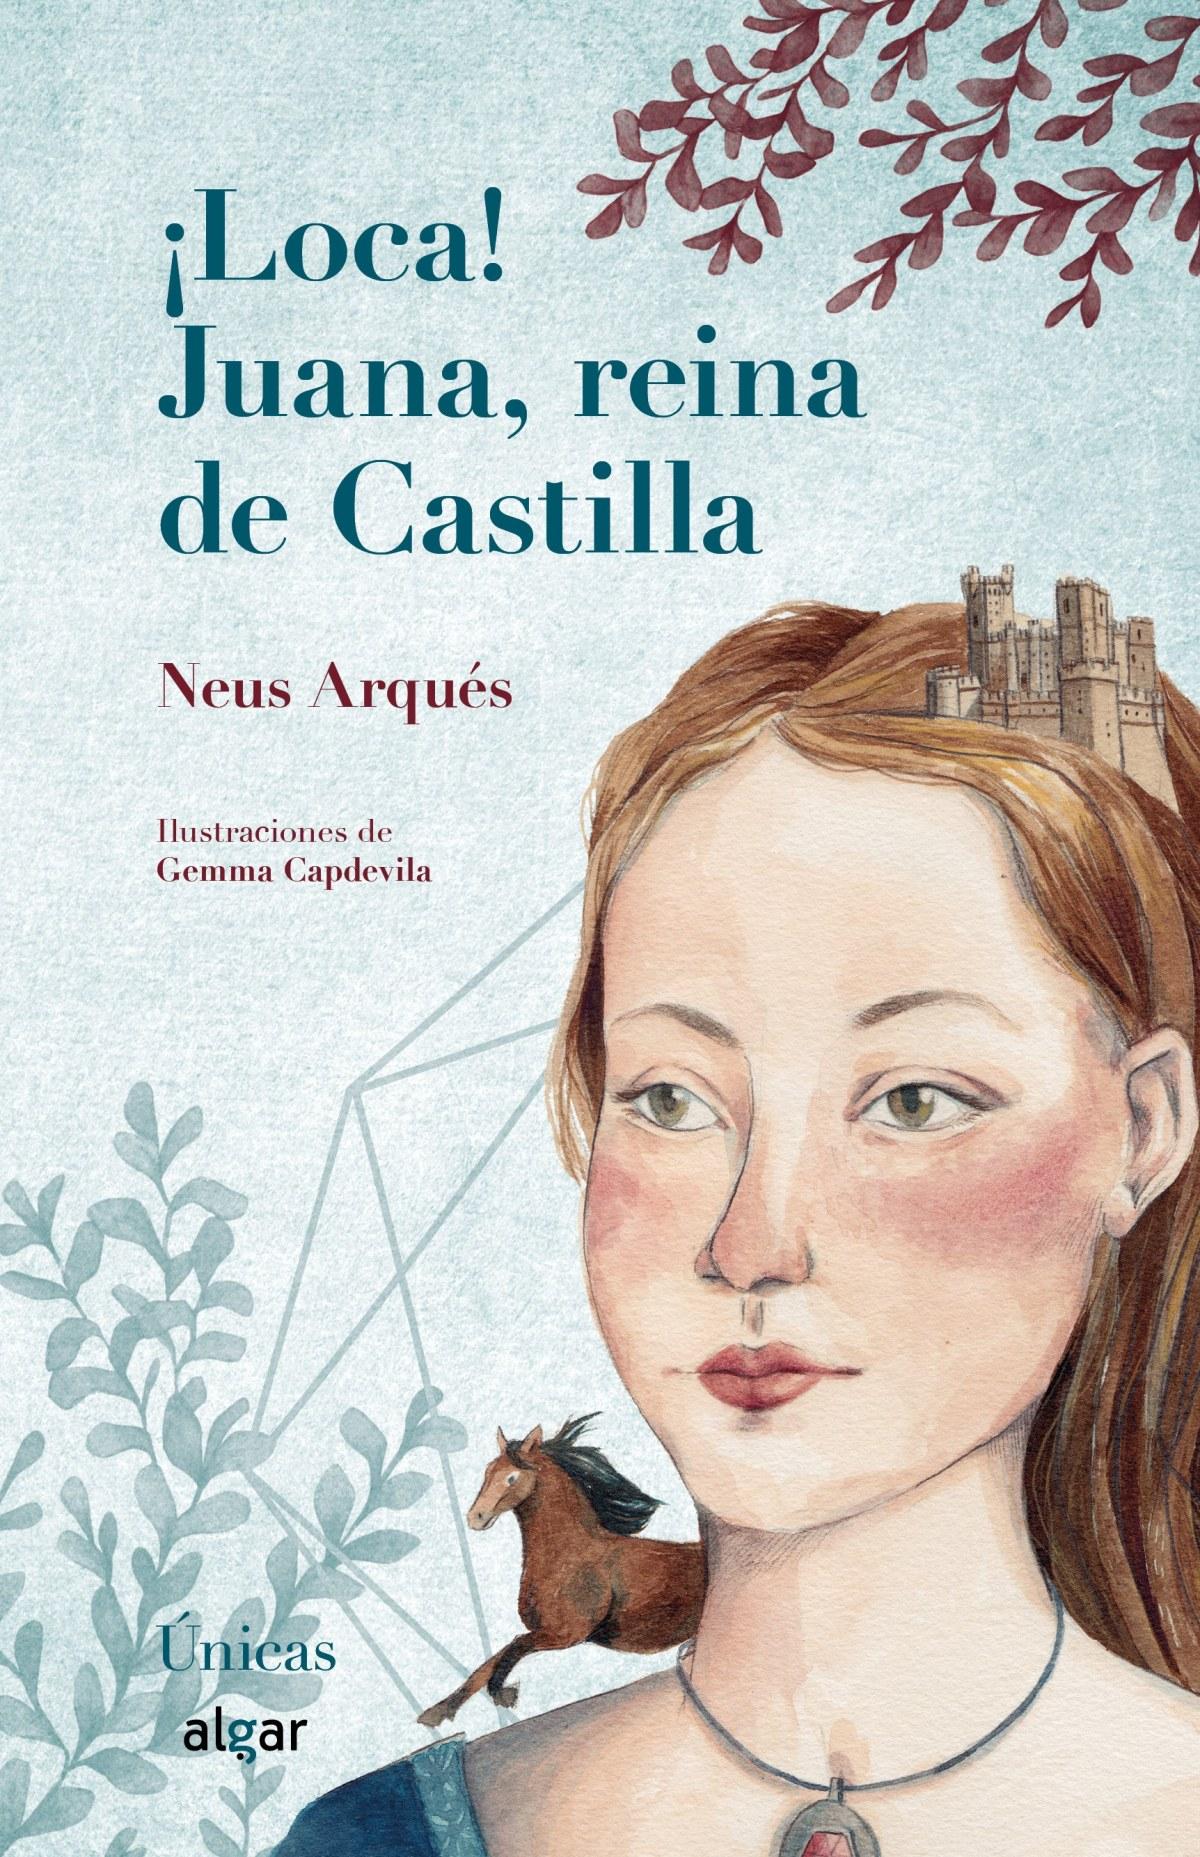 ¡LOCA! JUANA,REINA DE CASTILLA